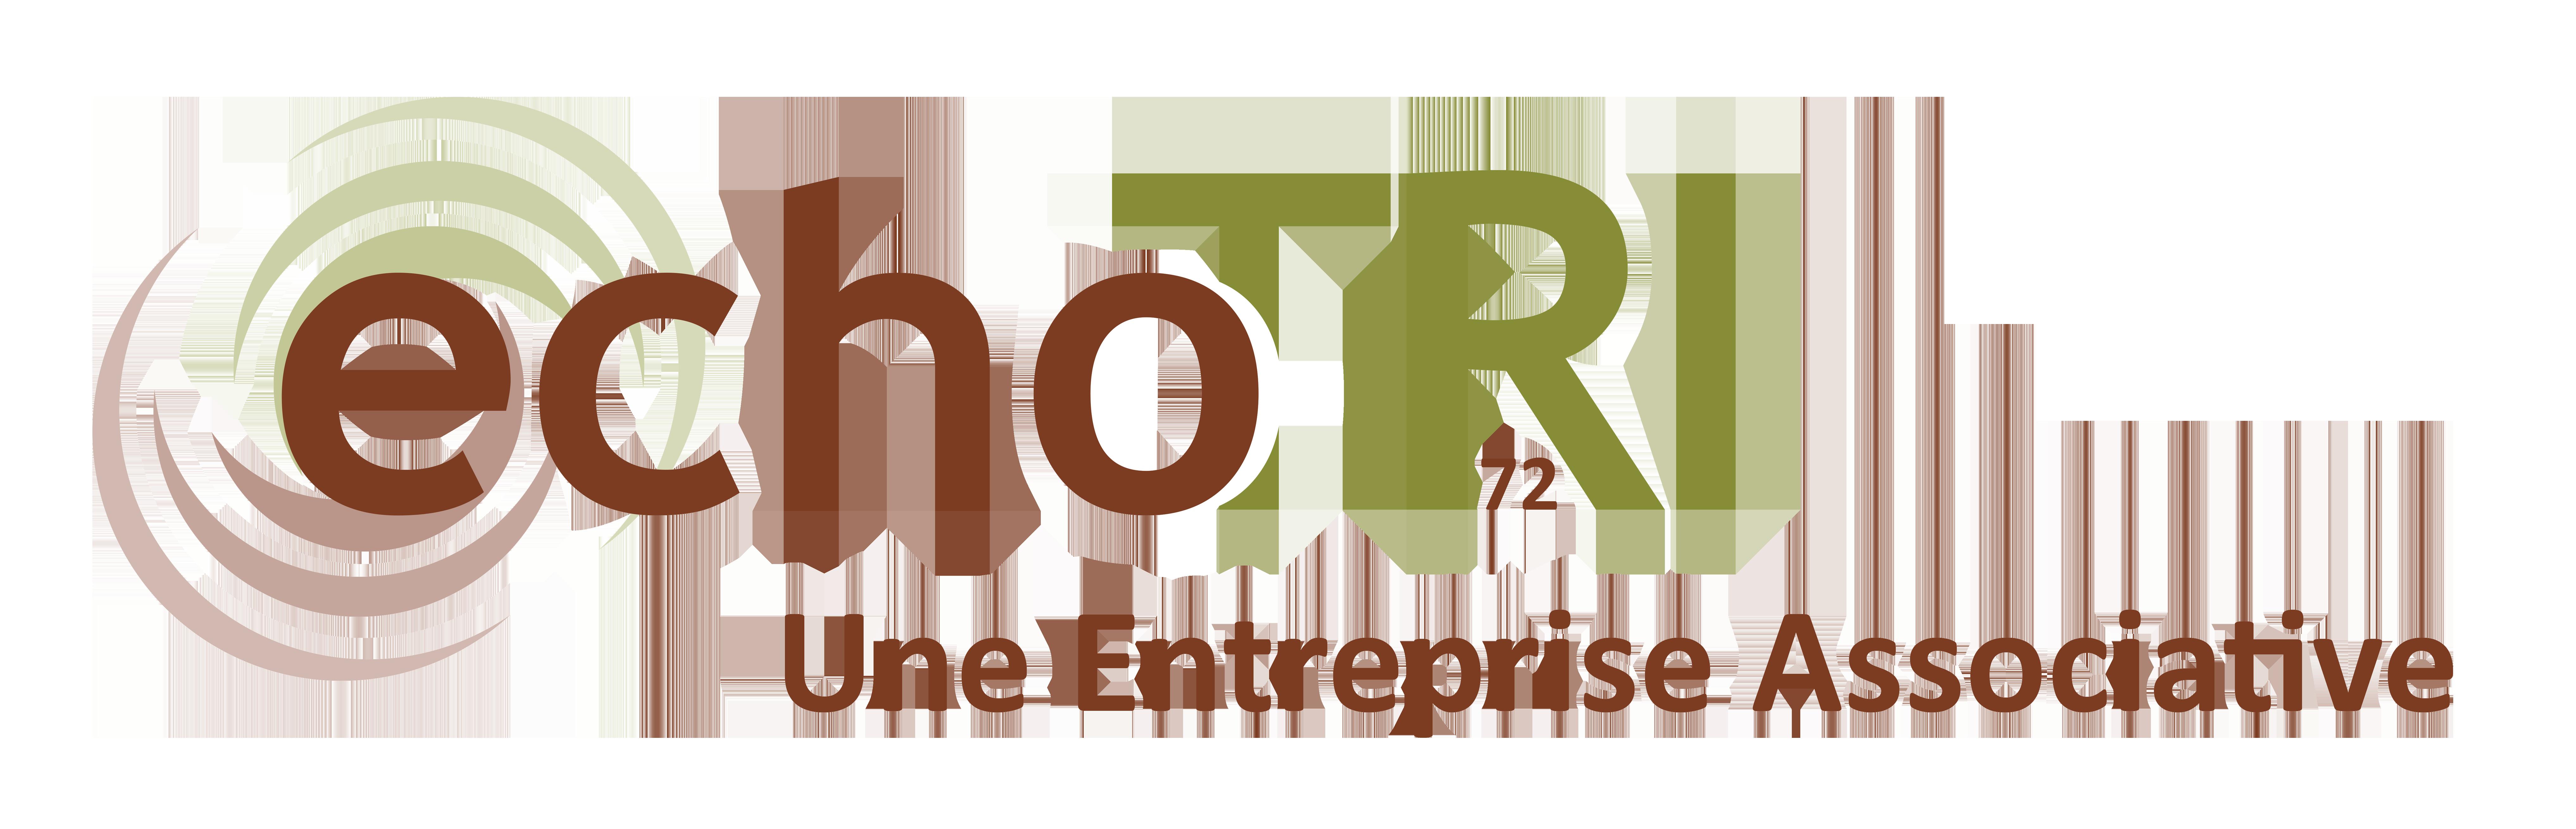 EchoTri, votre partenaire de collecte et de recyclage de vos déchets et autres services